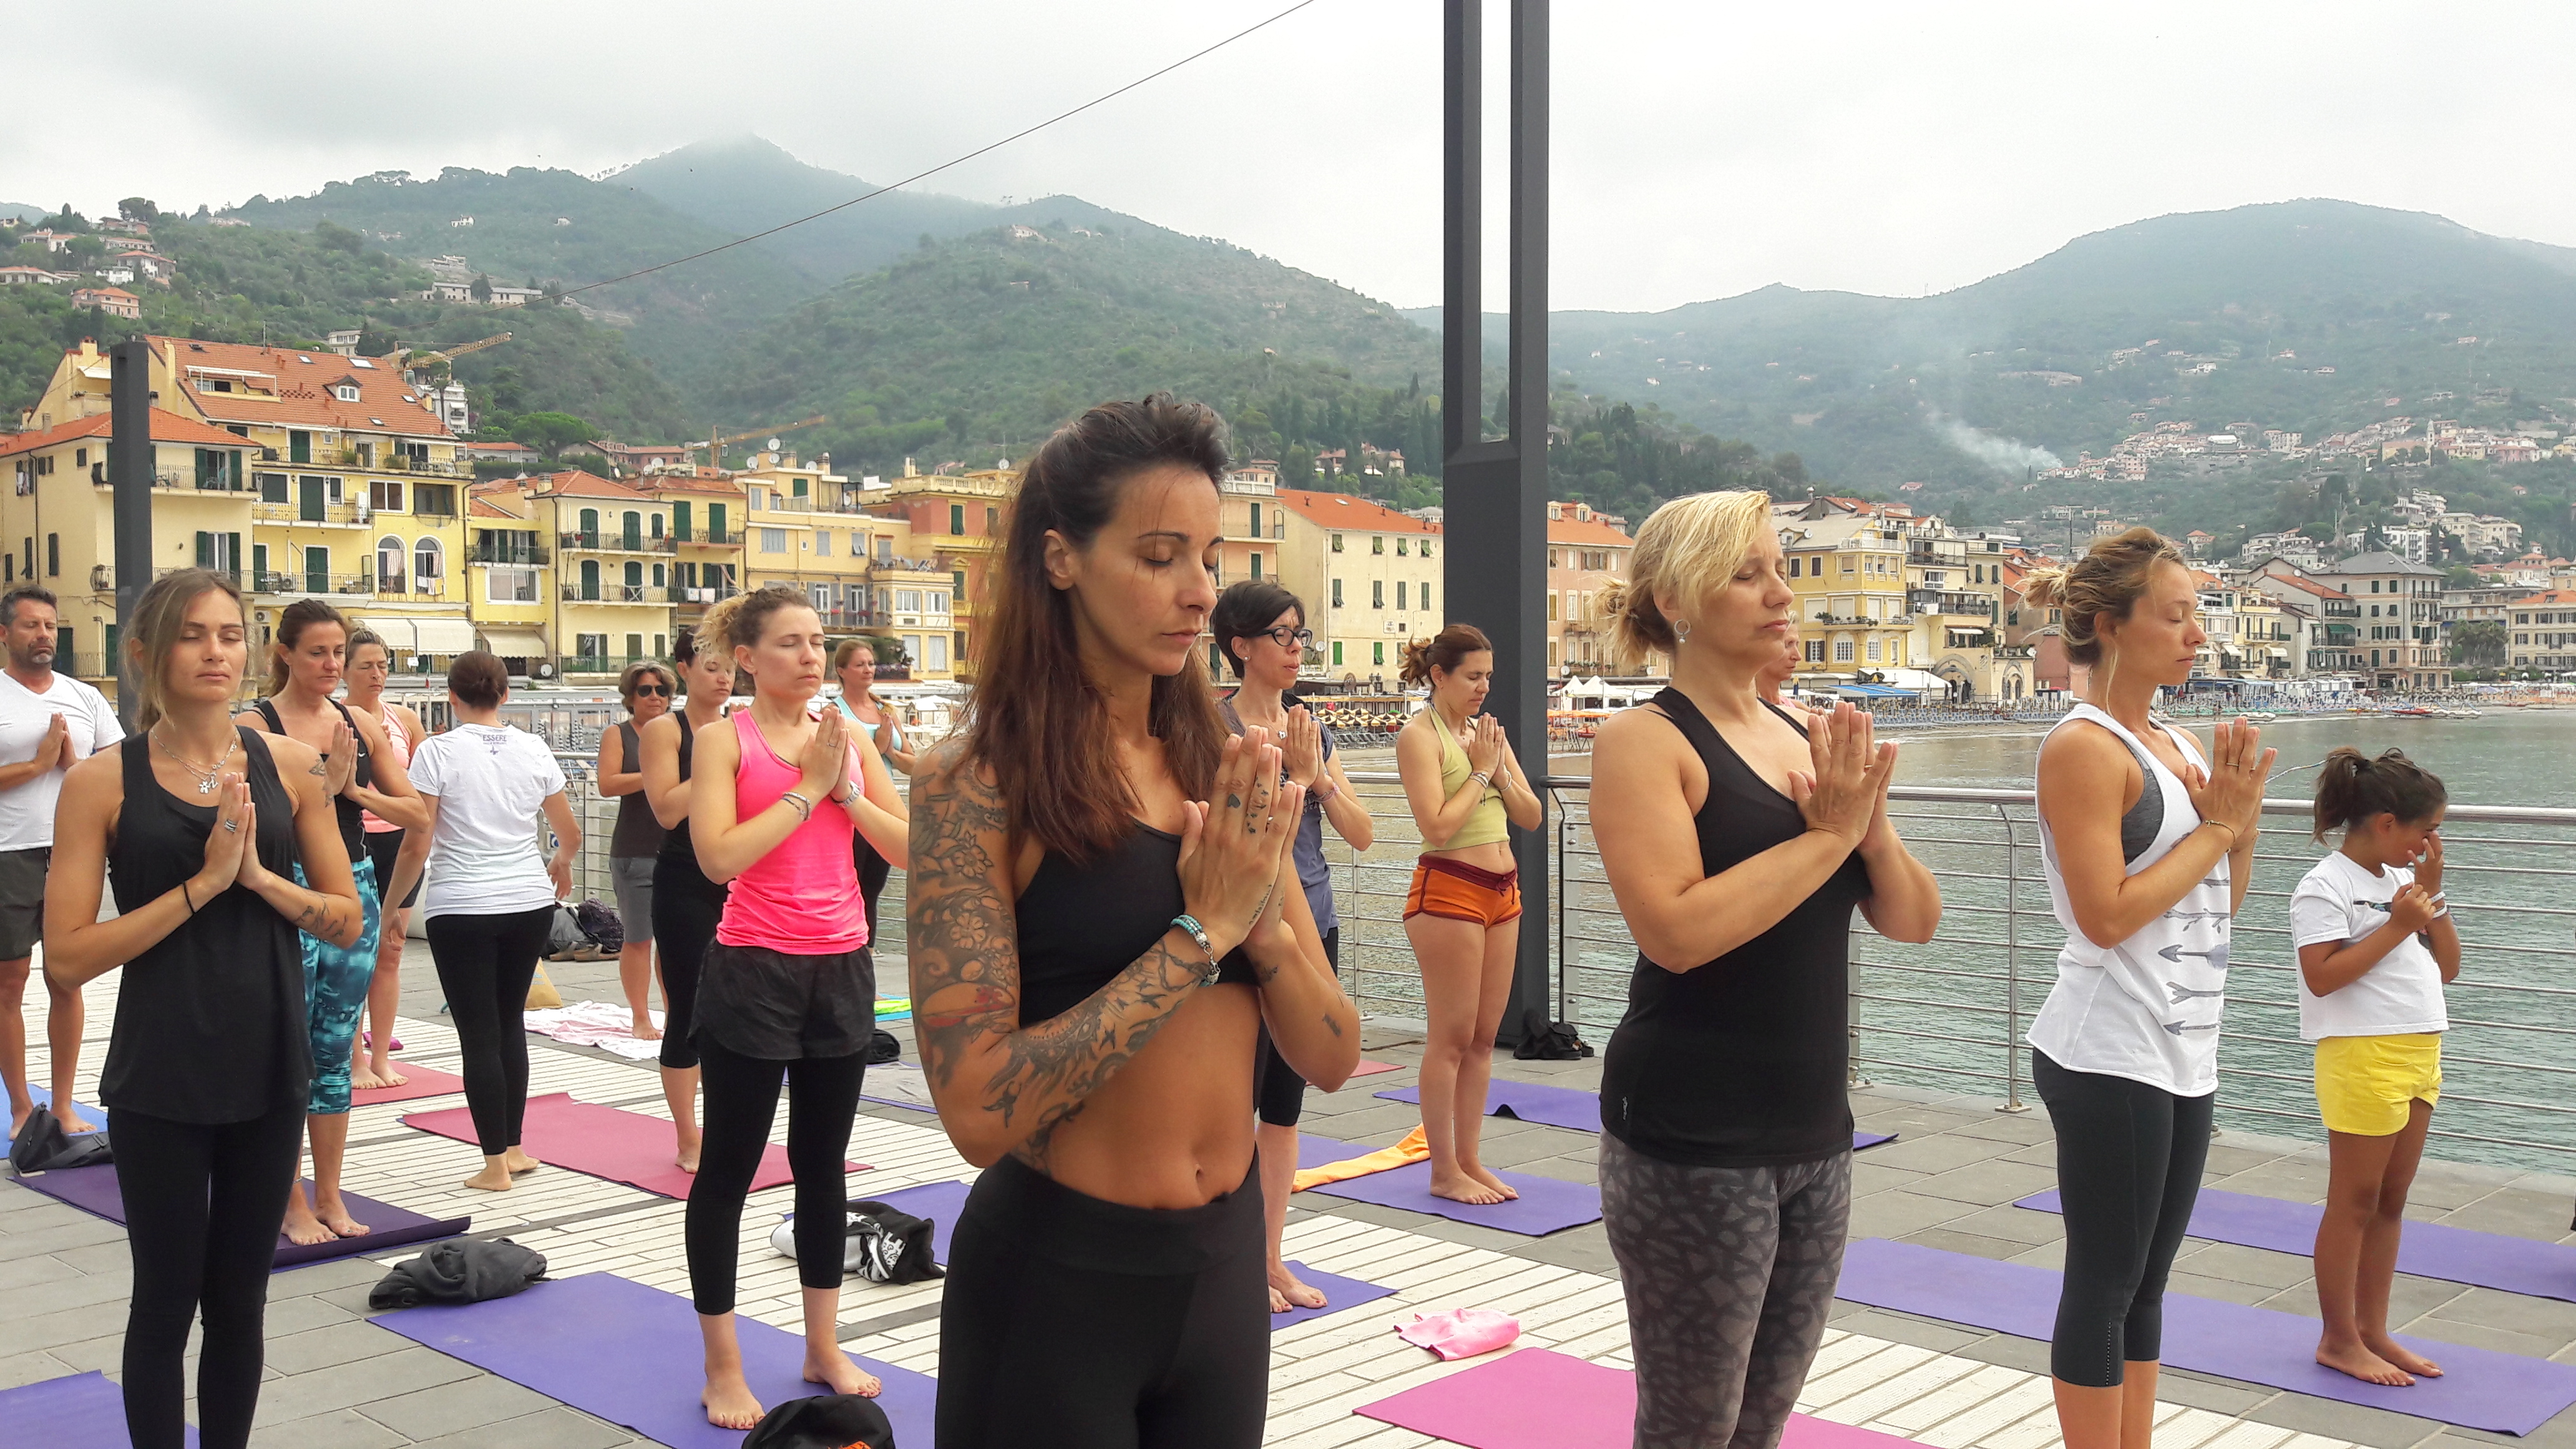 1_essere-free-yoga-gratuito-benessere-per-tutti-village-citta-alassio-estate-lucia-ragazzi-summer-town-wellness-063